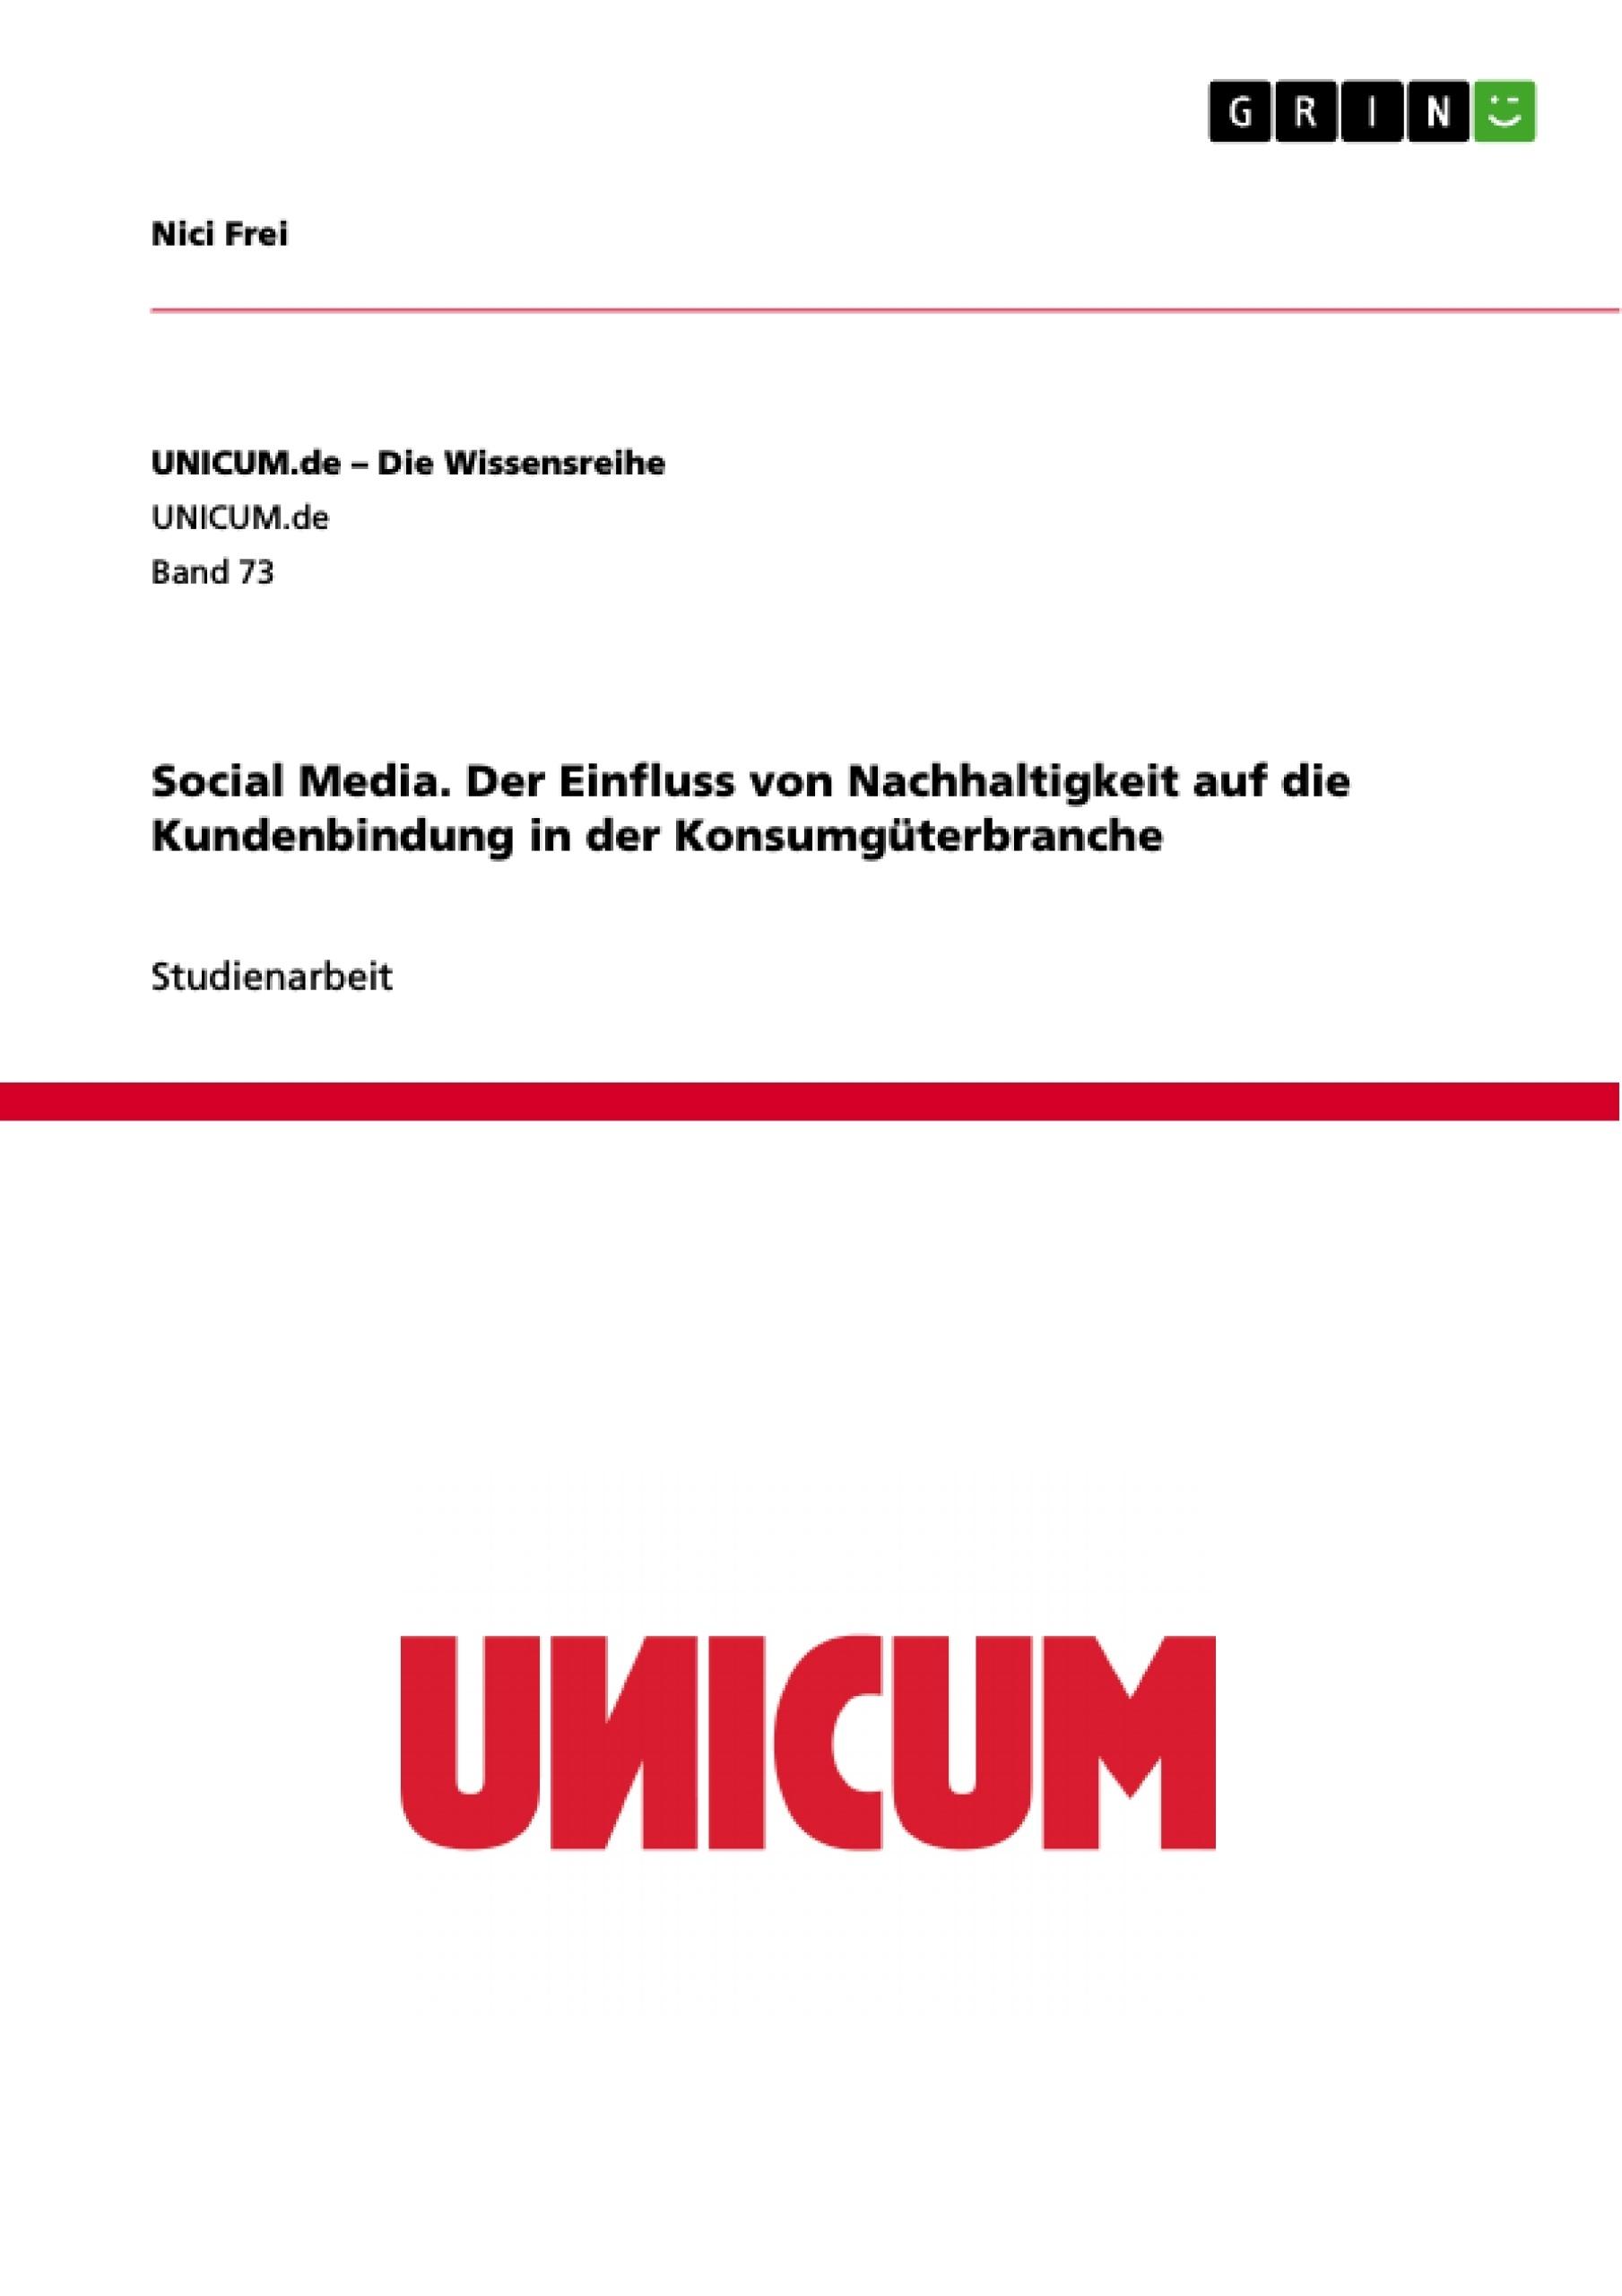 Titel: Social Media. Der Einfluss von Nachhaltigkeit auf die Kundenbindung in der Konsumgüterbranche